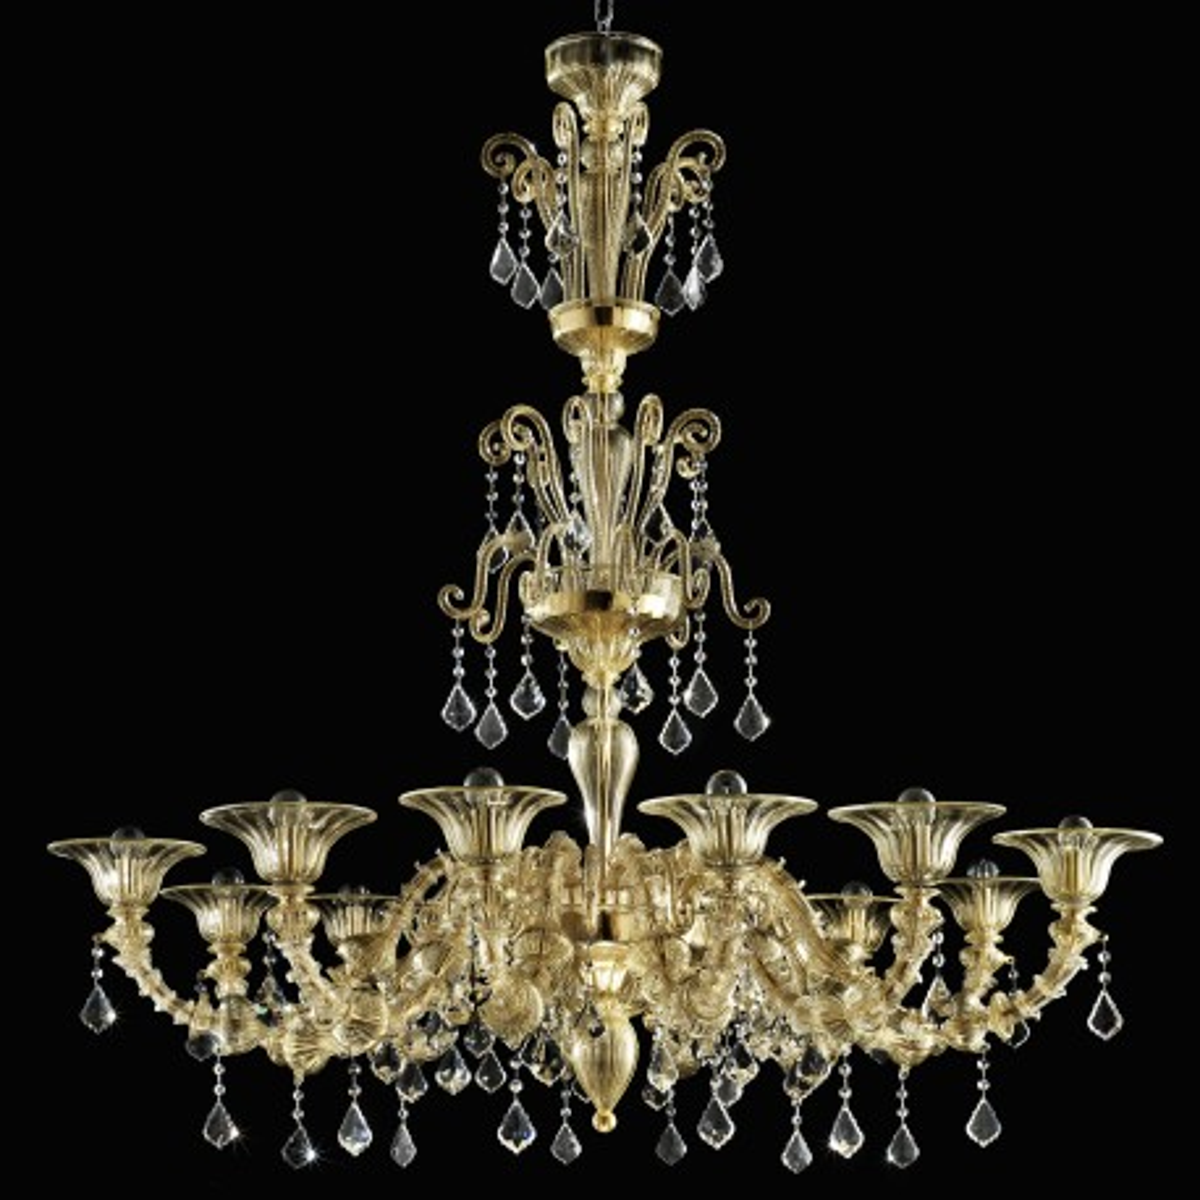 """""""Porsenna"""" lampara de cristal de Murano - 12 luces - todo oro"""